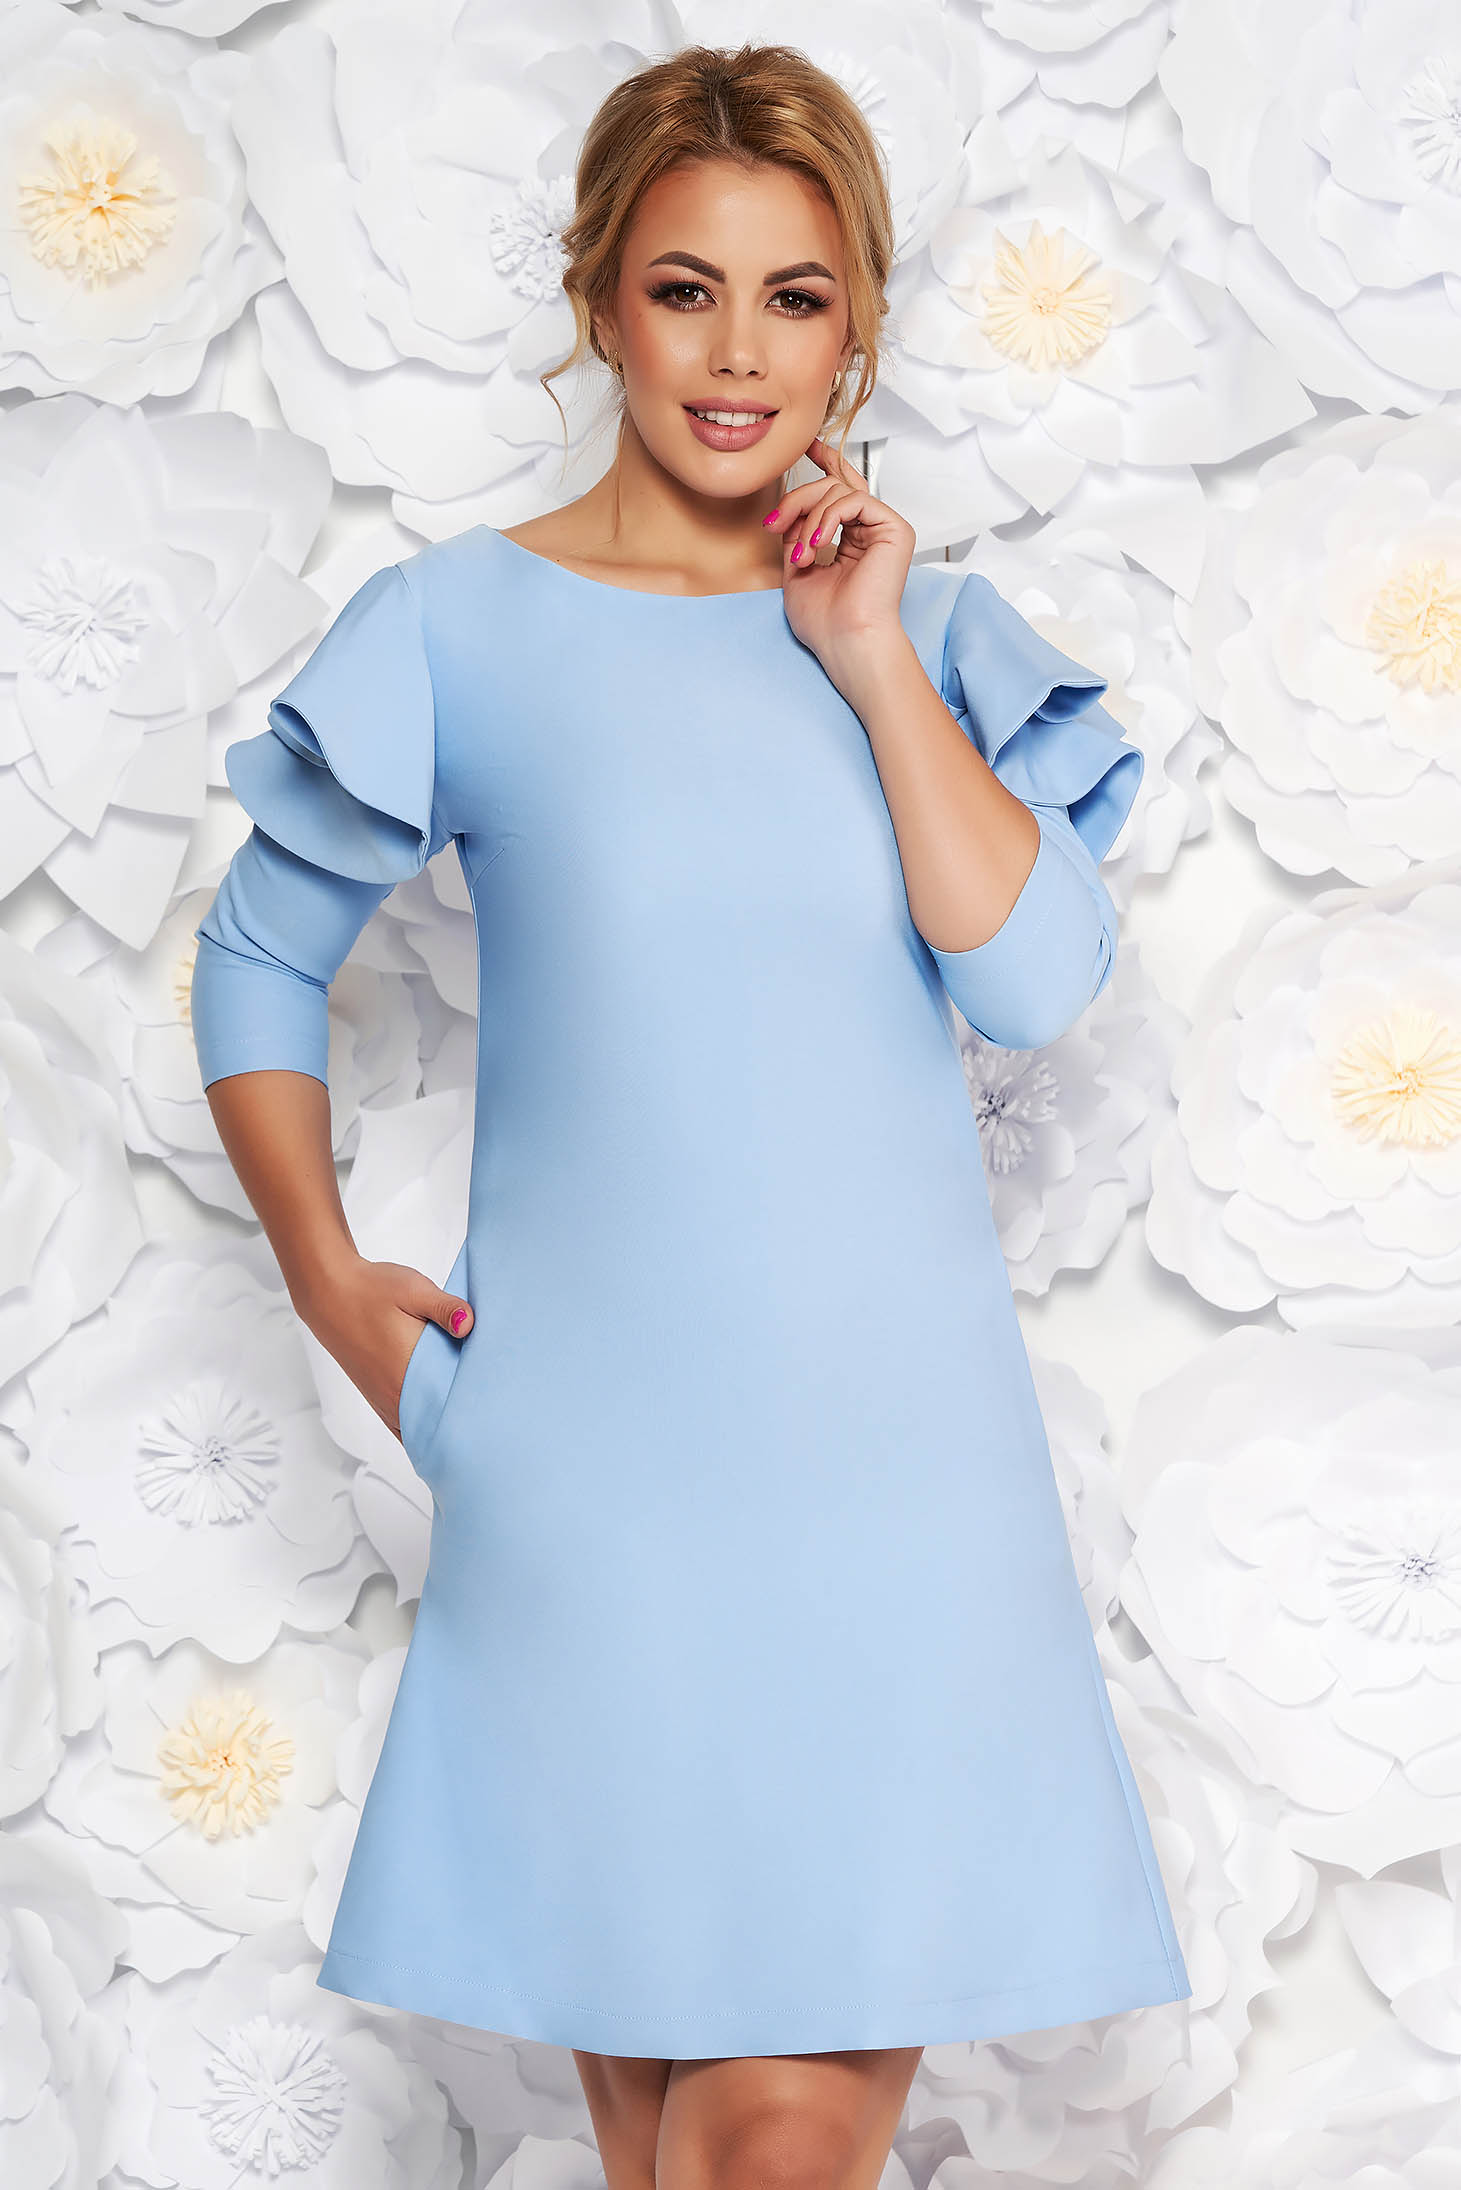 Rochie LaDonna albastru-deschis eleganta de zi din stofa usor elastica cu croi in a si volanase la maneca